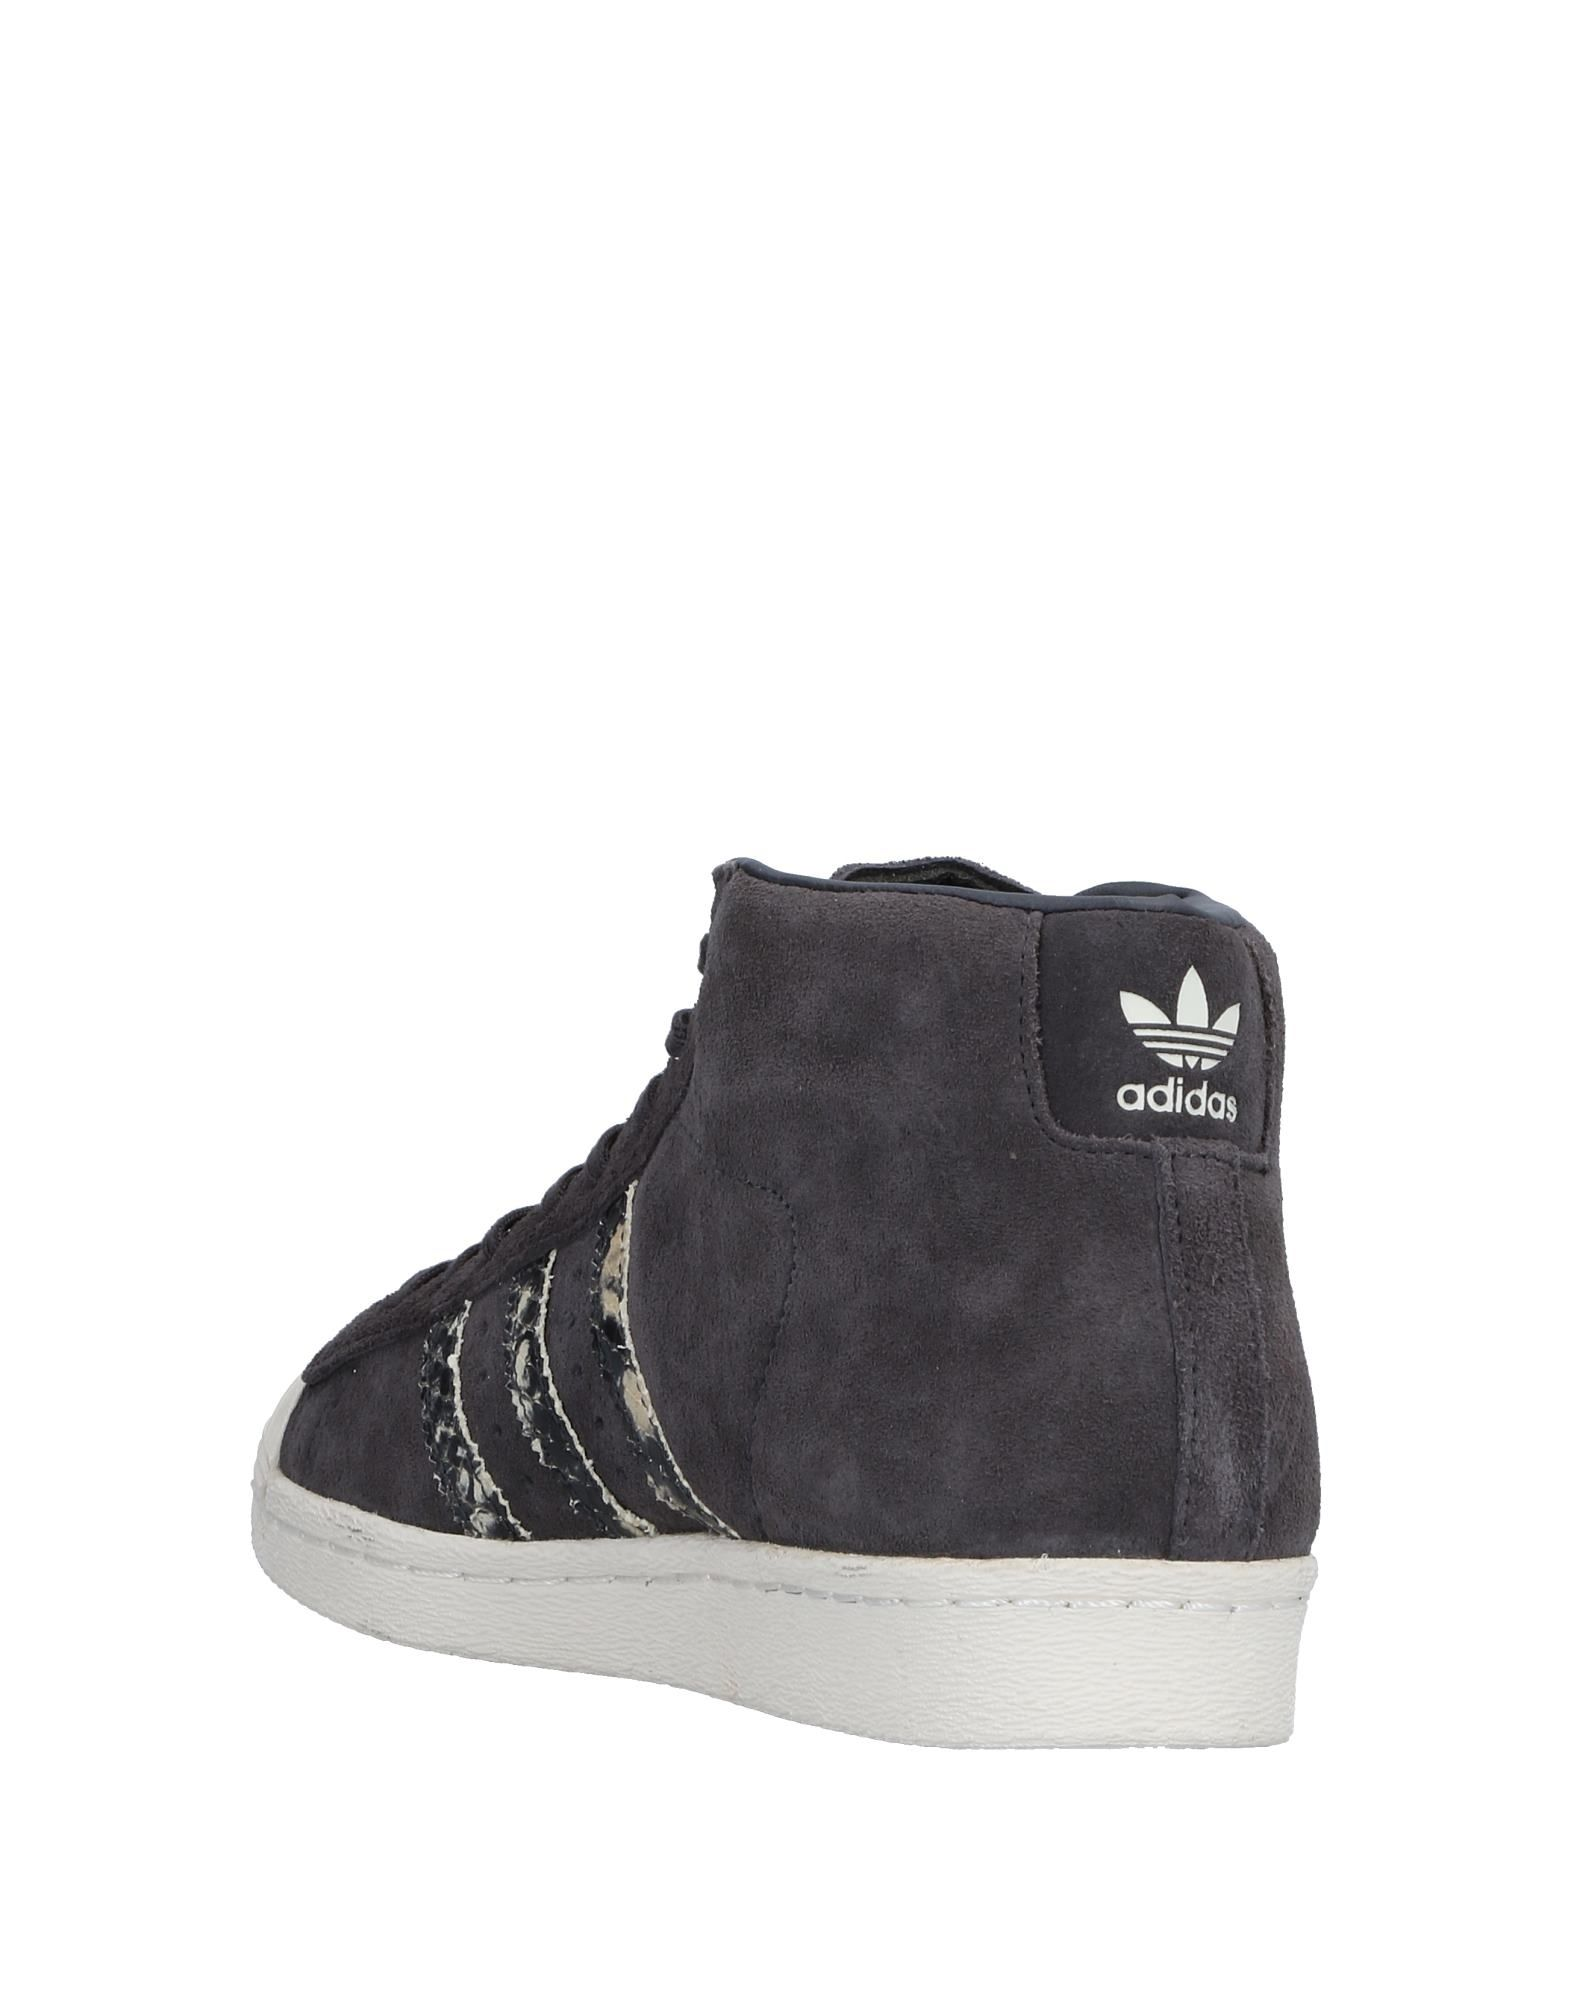 Adidas Damen Sneakers Damen Adidas  11534660PA Gute Qualität beliebte Schuhe 826aec